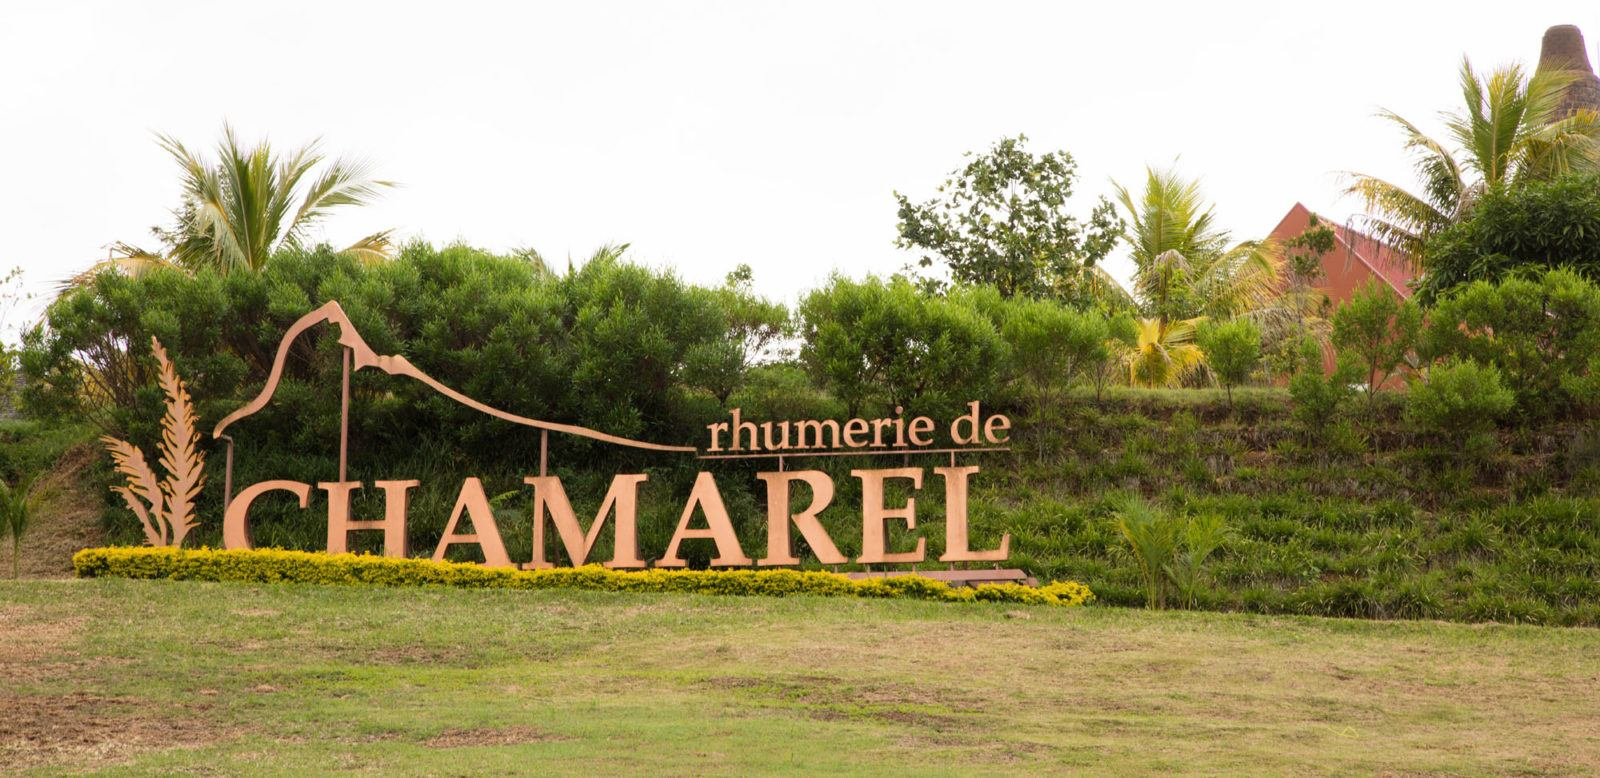 Знак для Rhumerie де Шамарель Чем заняться на Маврикии Чем заняться на Маврикии – Путешествие к звезде и ключу Индийского океана Rhumerie de Chamarel 1600x778